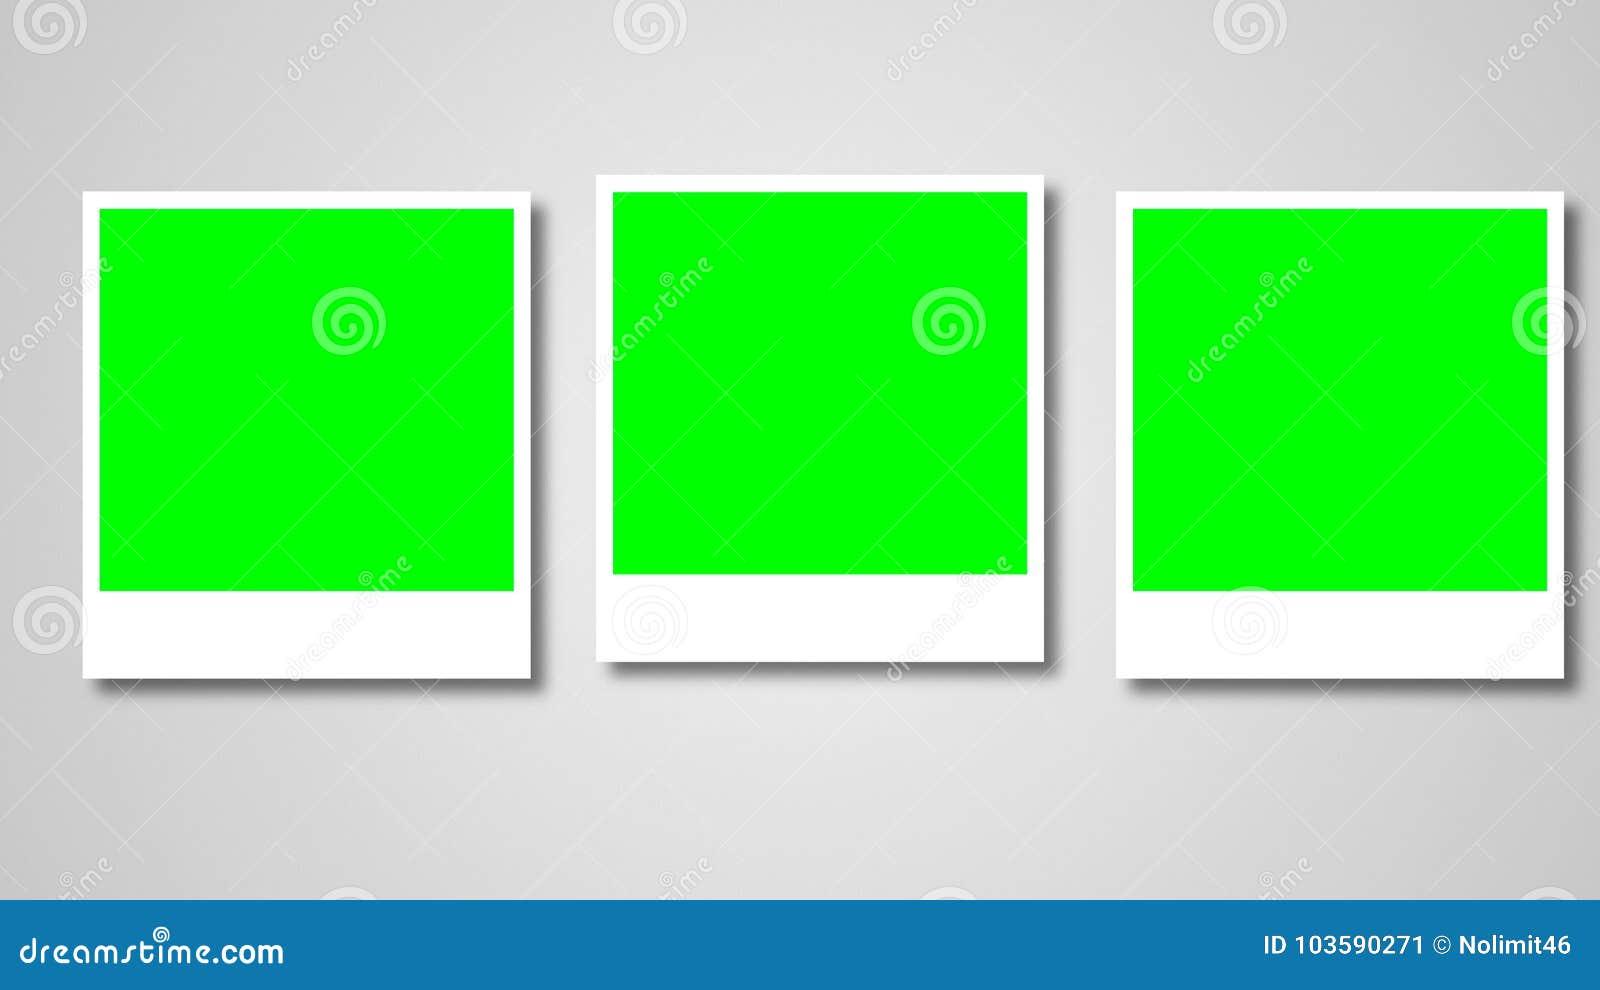 Marcos De Las Polaroides Con La Pantalla Verde Para Su Foto Stock de ...